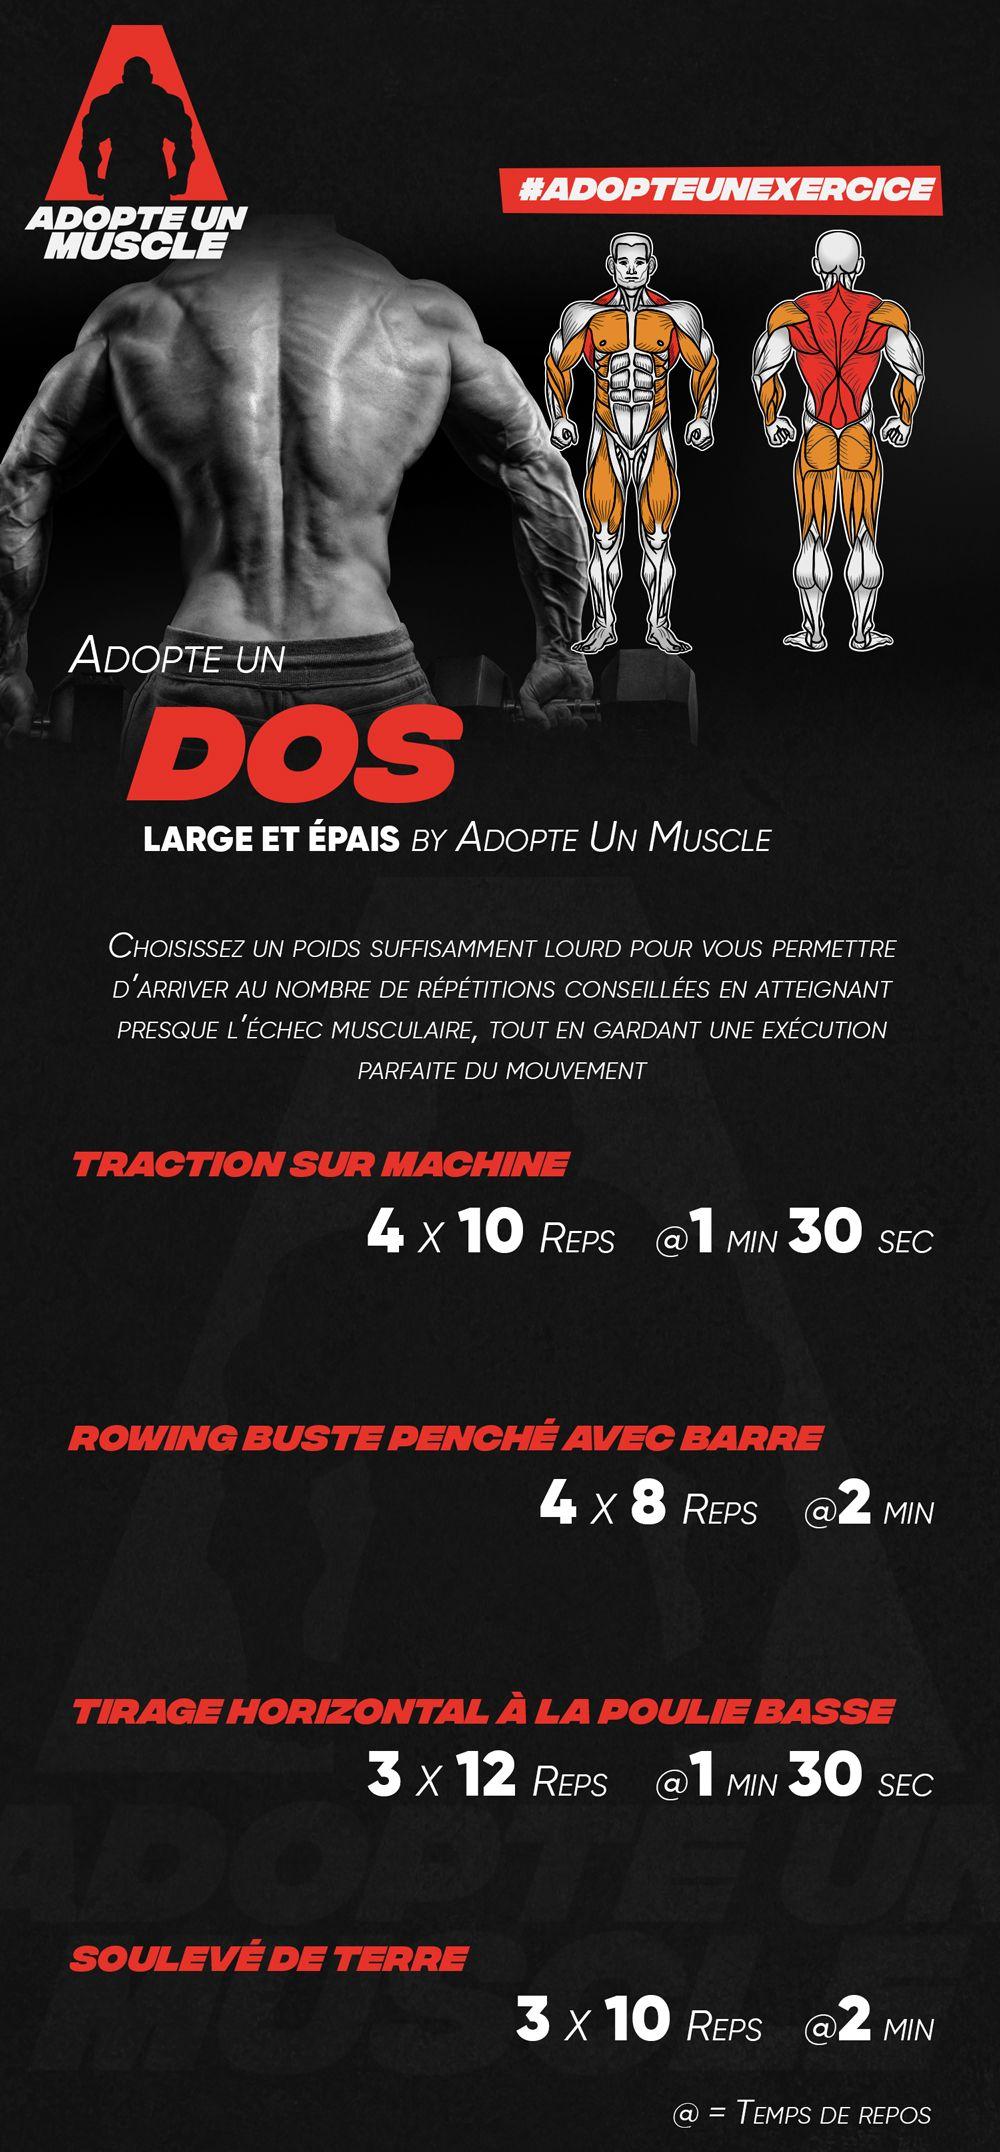 Adopte Un Dos Large Et épais By Adopte Un Muscle Prog Programme Routine Split Musculation Dos Ex Programme Musculation Homme Musculation Musculation Dos